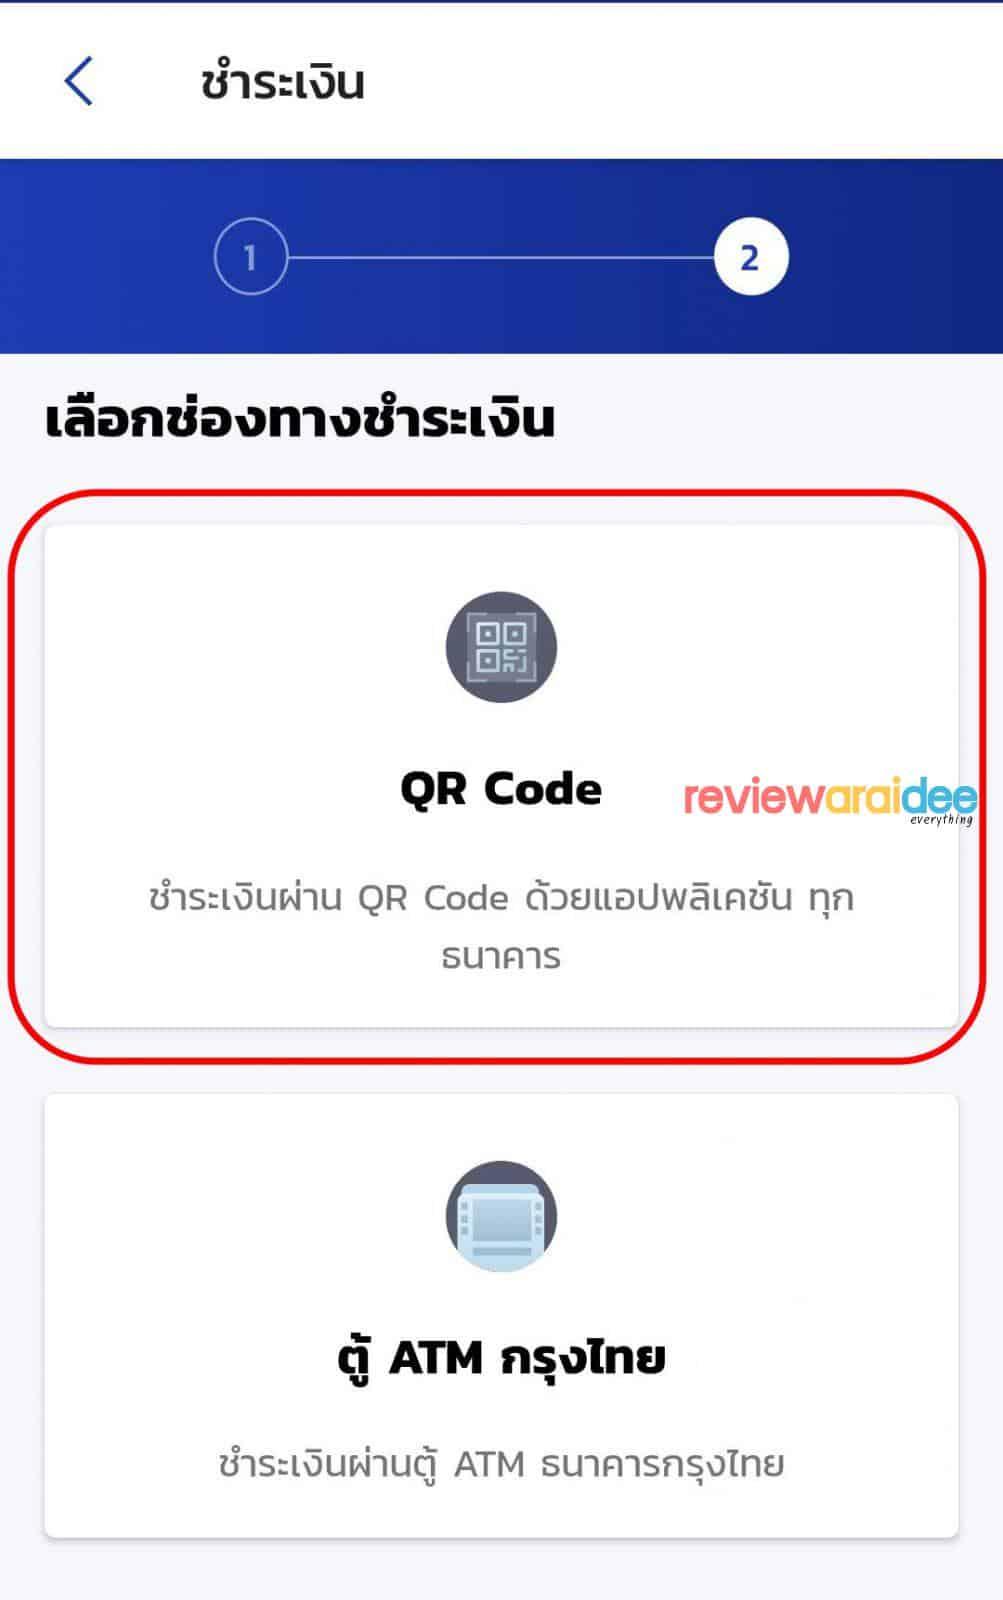 วิธีจ่ายยอดหนี้ กยศ. กรอ. ผ่านแอป QR Code กยศ. connect มือถือง่ายที่สุด